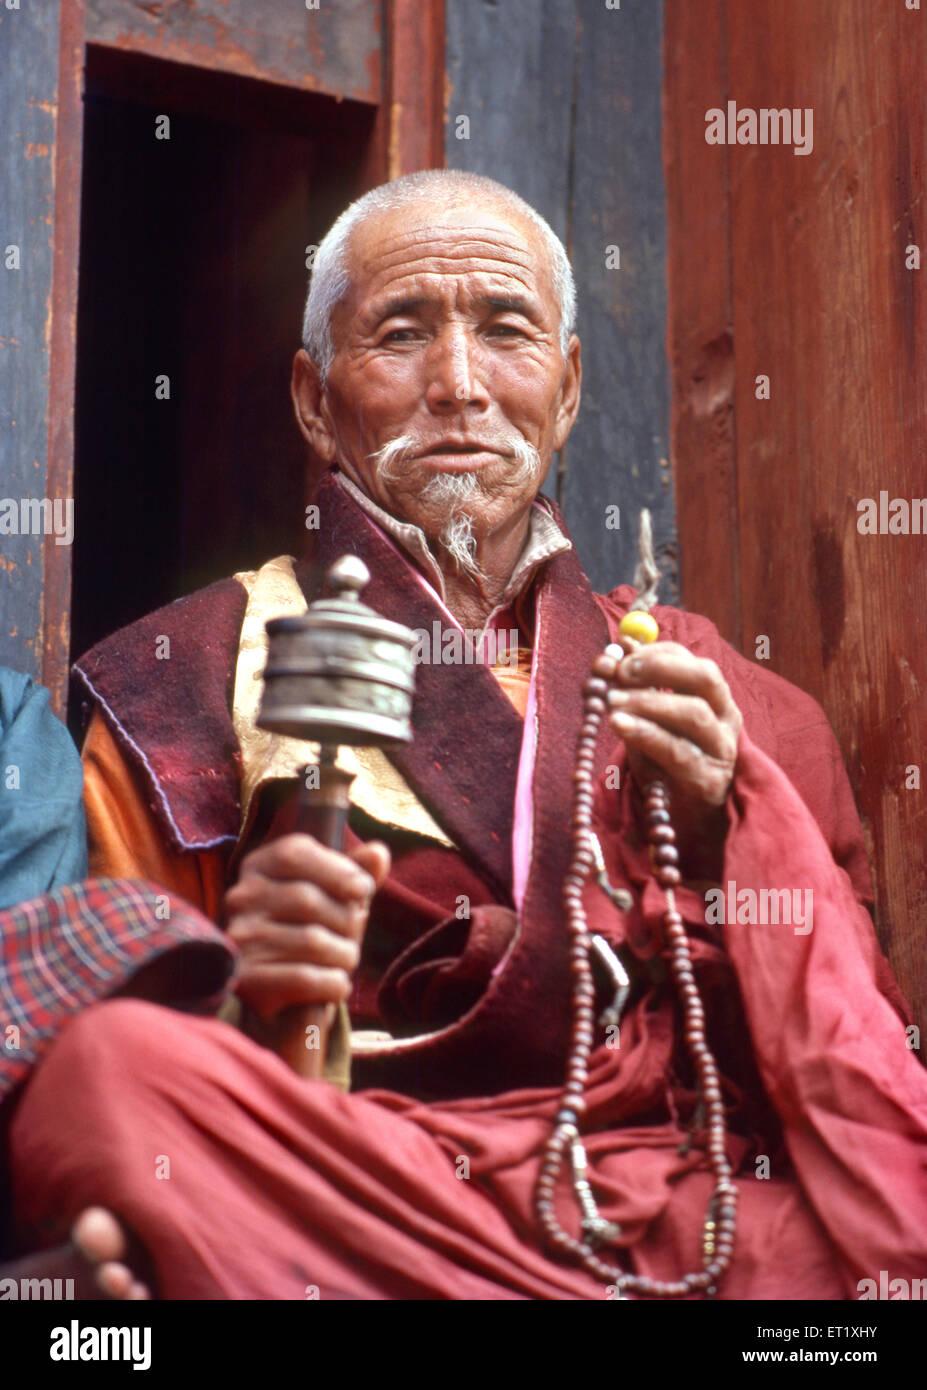 Mönch zählen Wulst und Gebet rotierenden Rad Nein Herr Stockbild